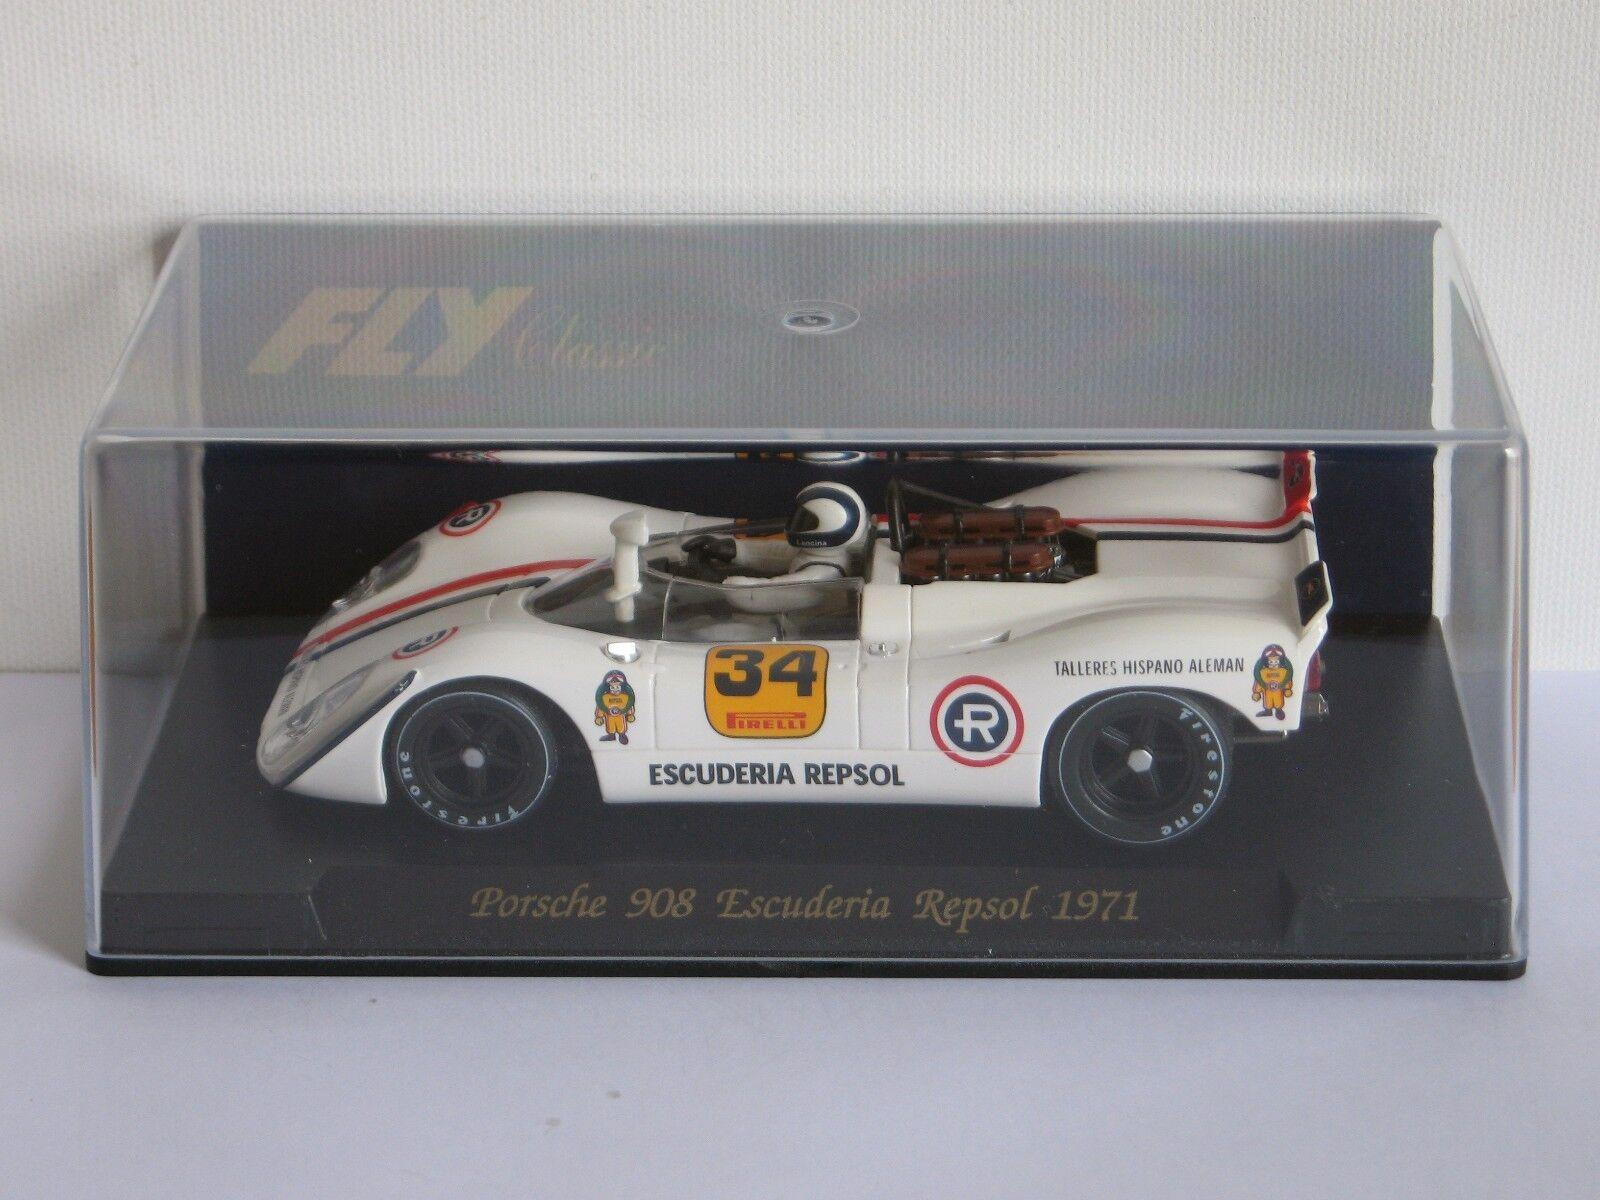 FLY Car Classic Porsche 908 Escuderia Repsol 1971 Ref. C17